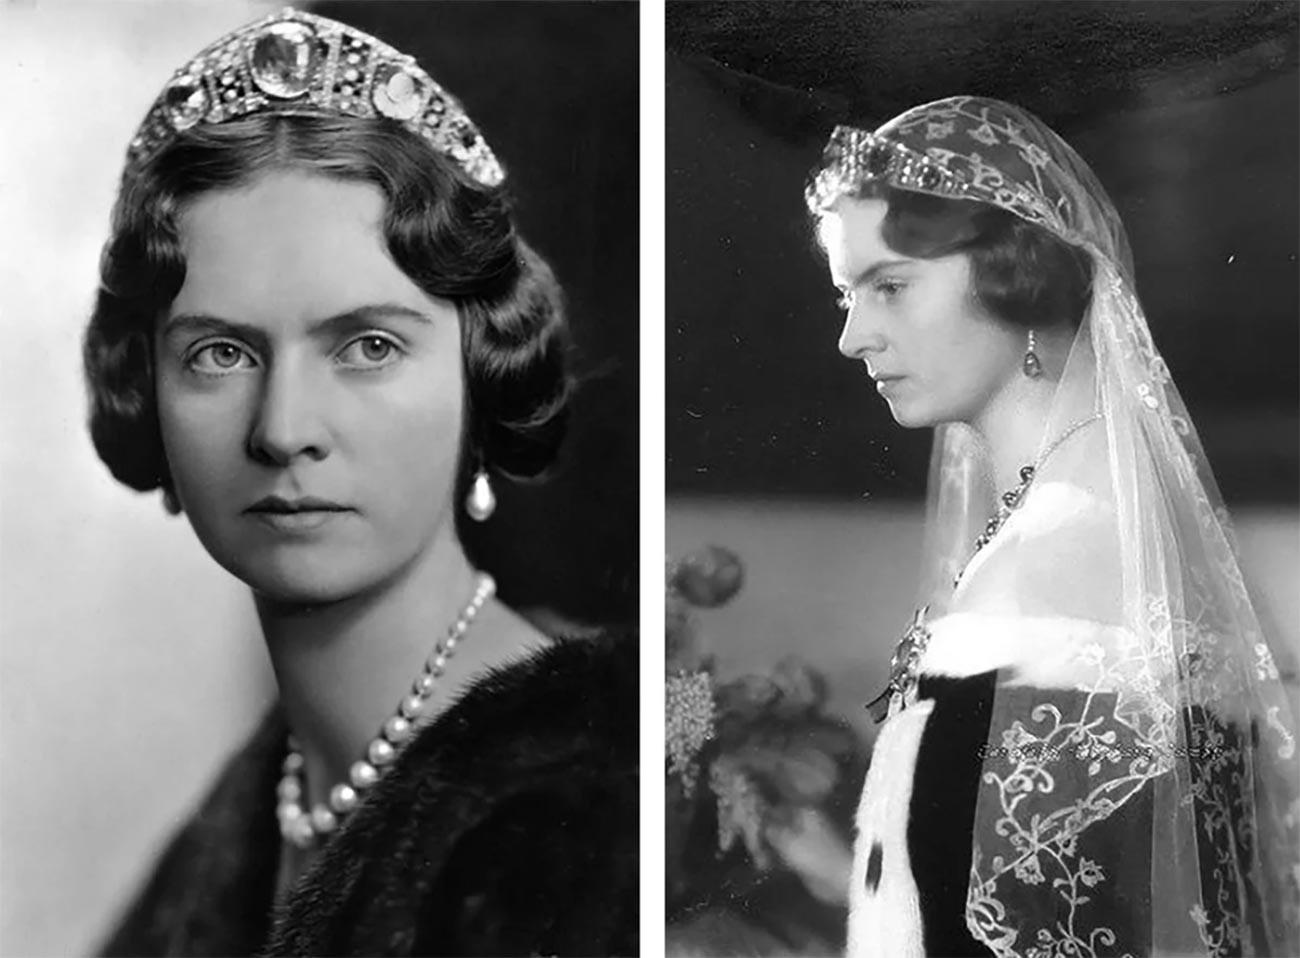 La princesa Sibylla de Sajonia-Coburgo y Gotha